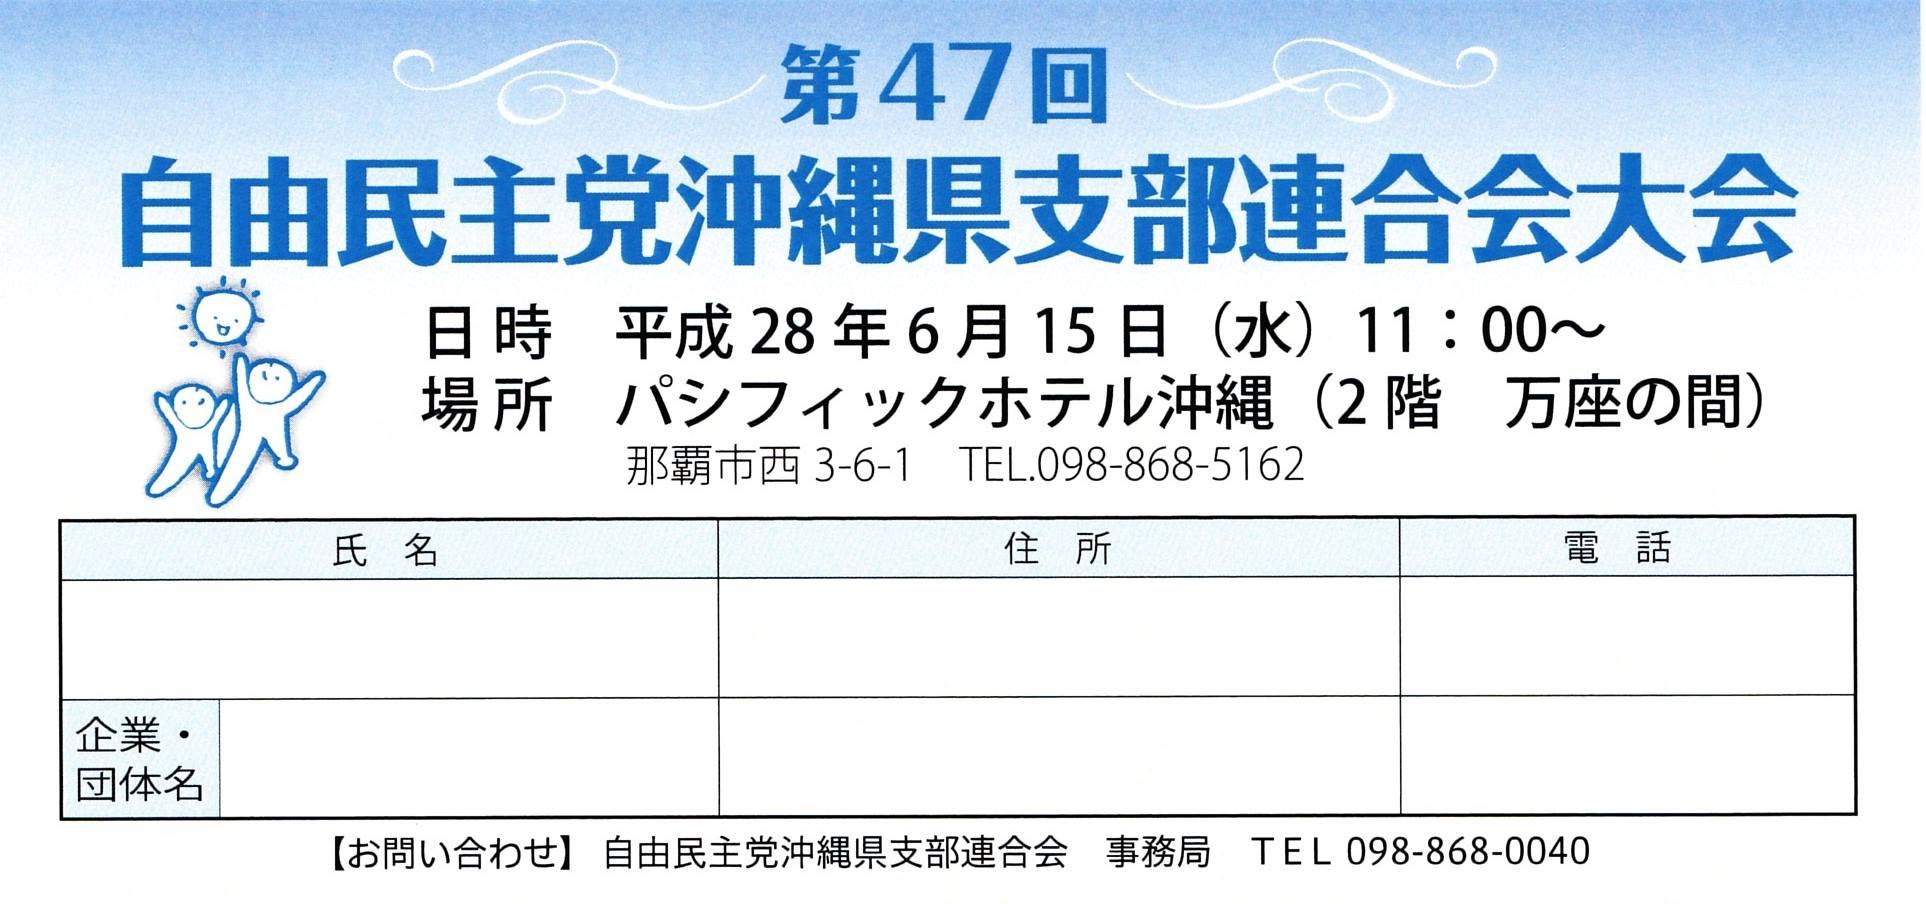 自由民主党沖縄県支部連合会大会